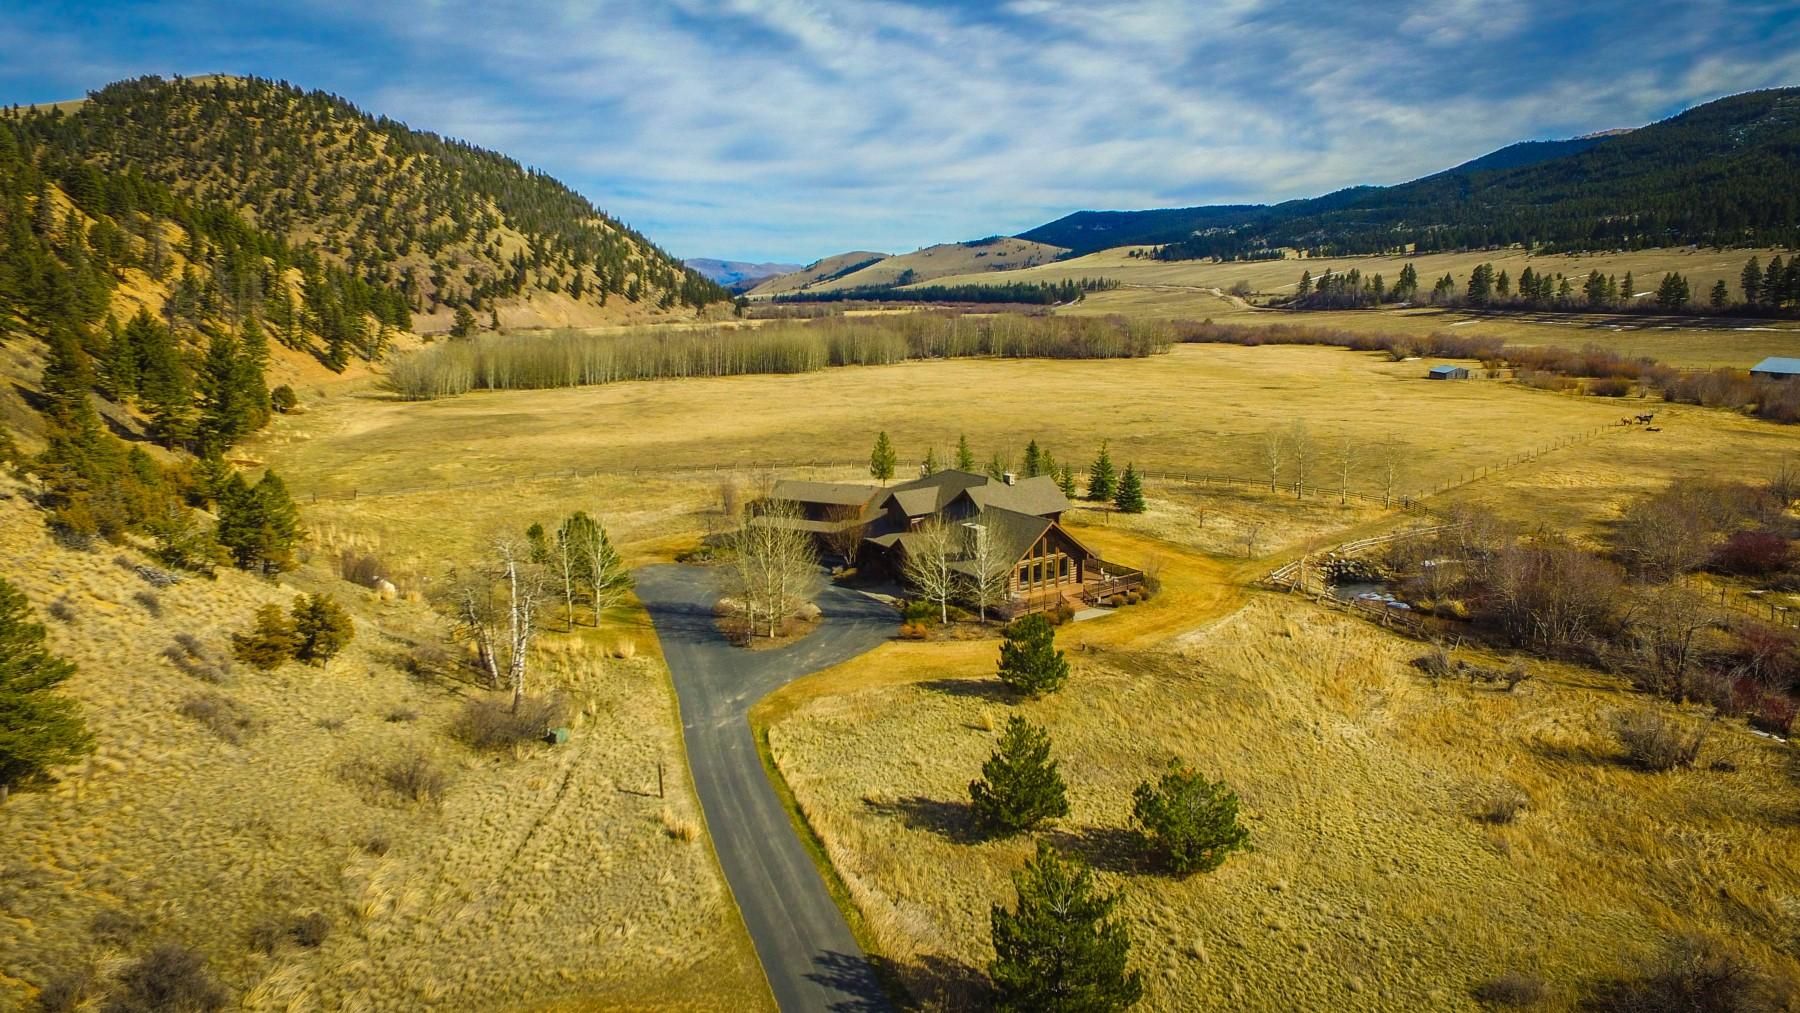 Casa Unifamiliar por un Venta en 10000 Prickly Pear Road 10000 Little Prickly Pear Rd Canyon Creek, Montana, 59633 Estados Unidos